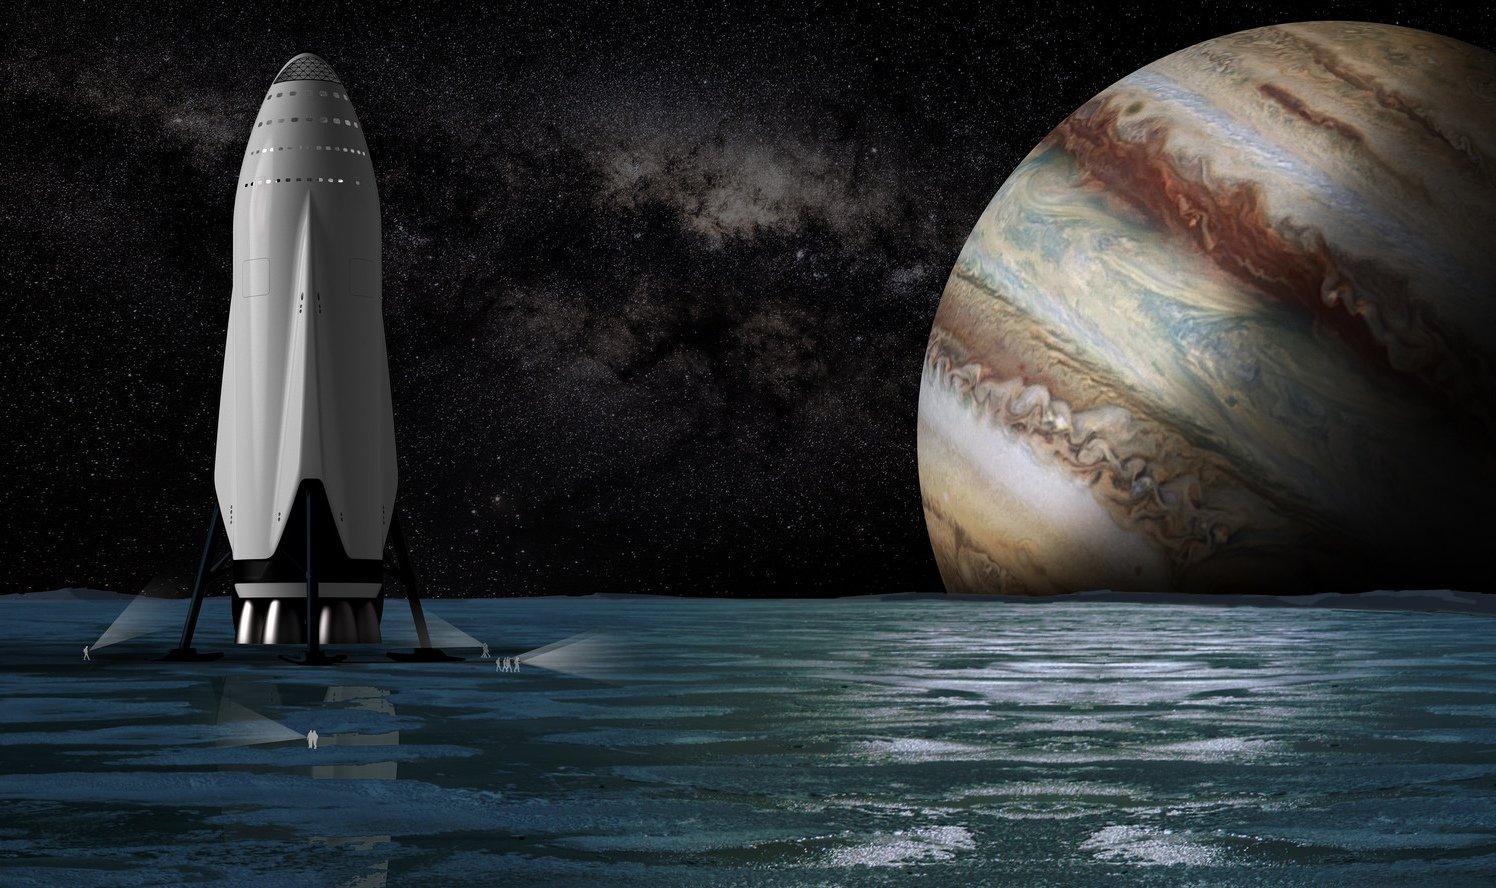 Das 77,5 m hohe Raumschiff, das Menschen zum Mars fliegt, soll wieder zur Erde zurück kehren und dann erneut zum Mars fliegen.